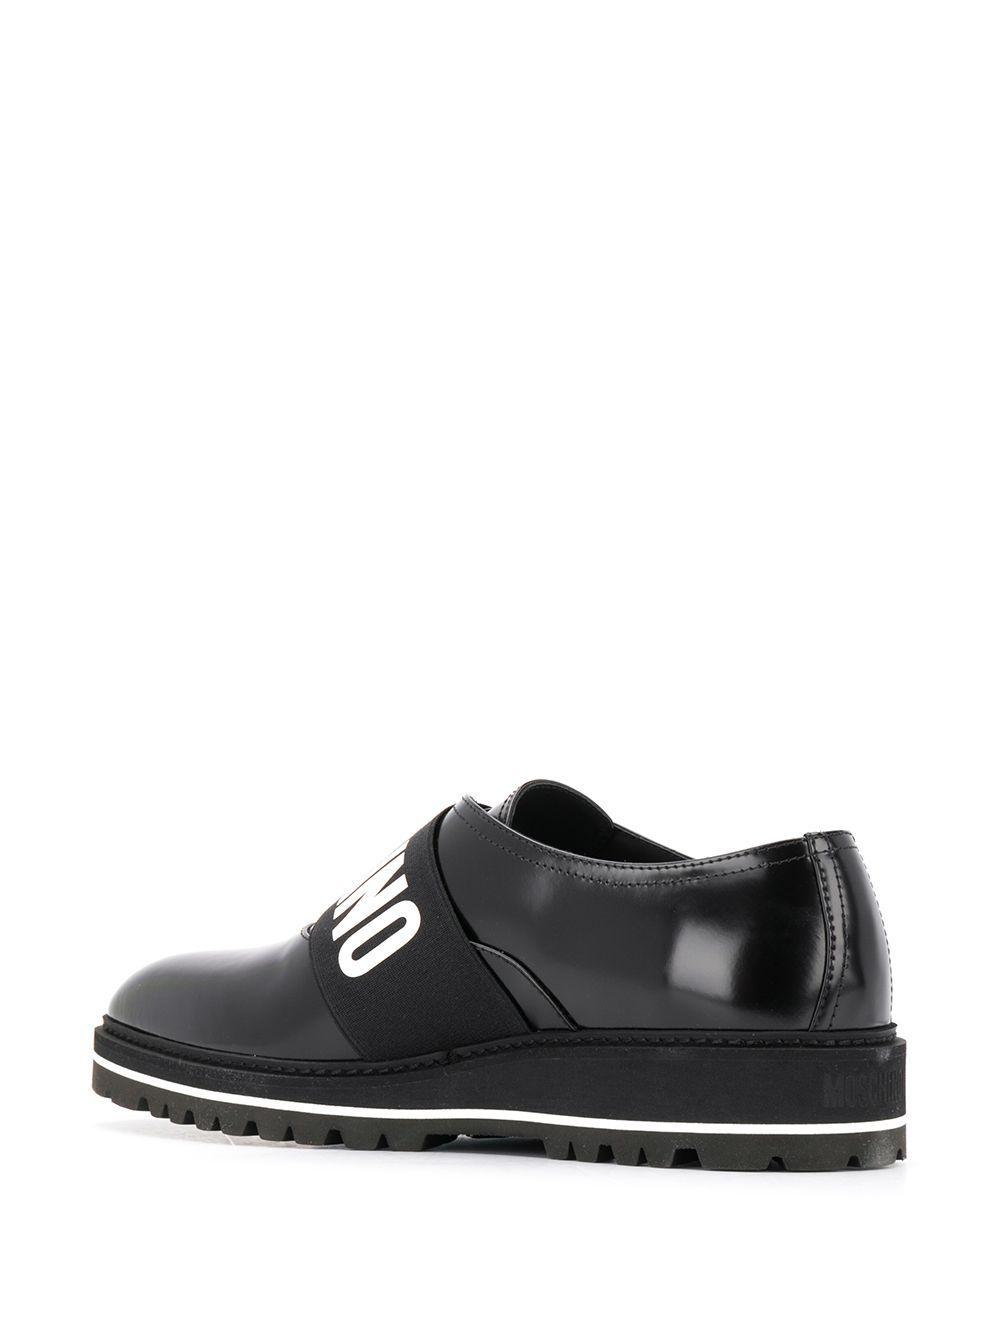 Zapatos derby con cinta del logo Moschino de Cuero de color Negro para hombre